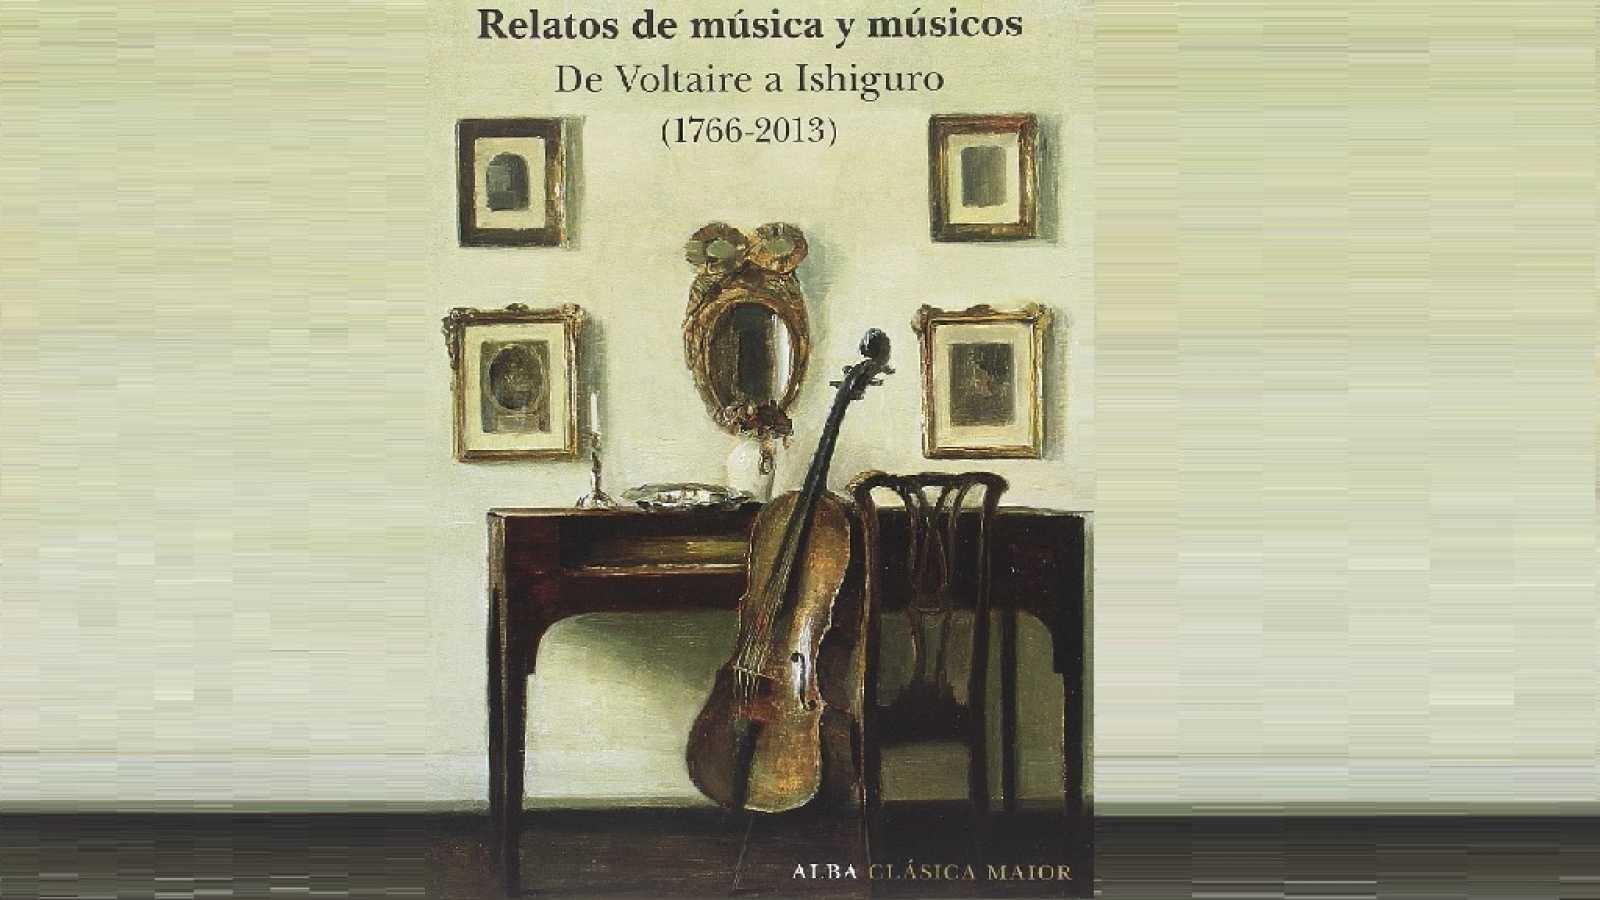 La libélula - Relatos de música y músicos. De Voltaire a Ishiguro (1766-2013)(Alba editorial) - 22/11/19 - escuchar ahora